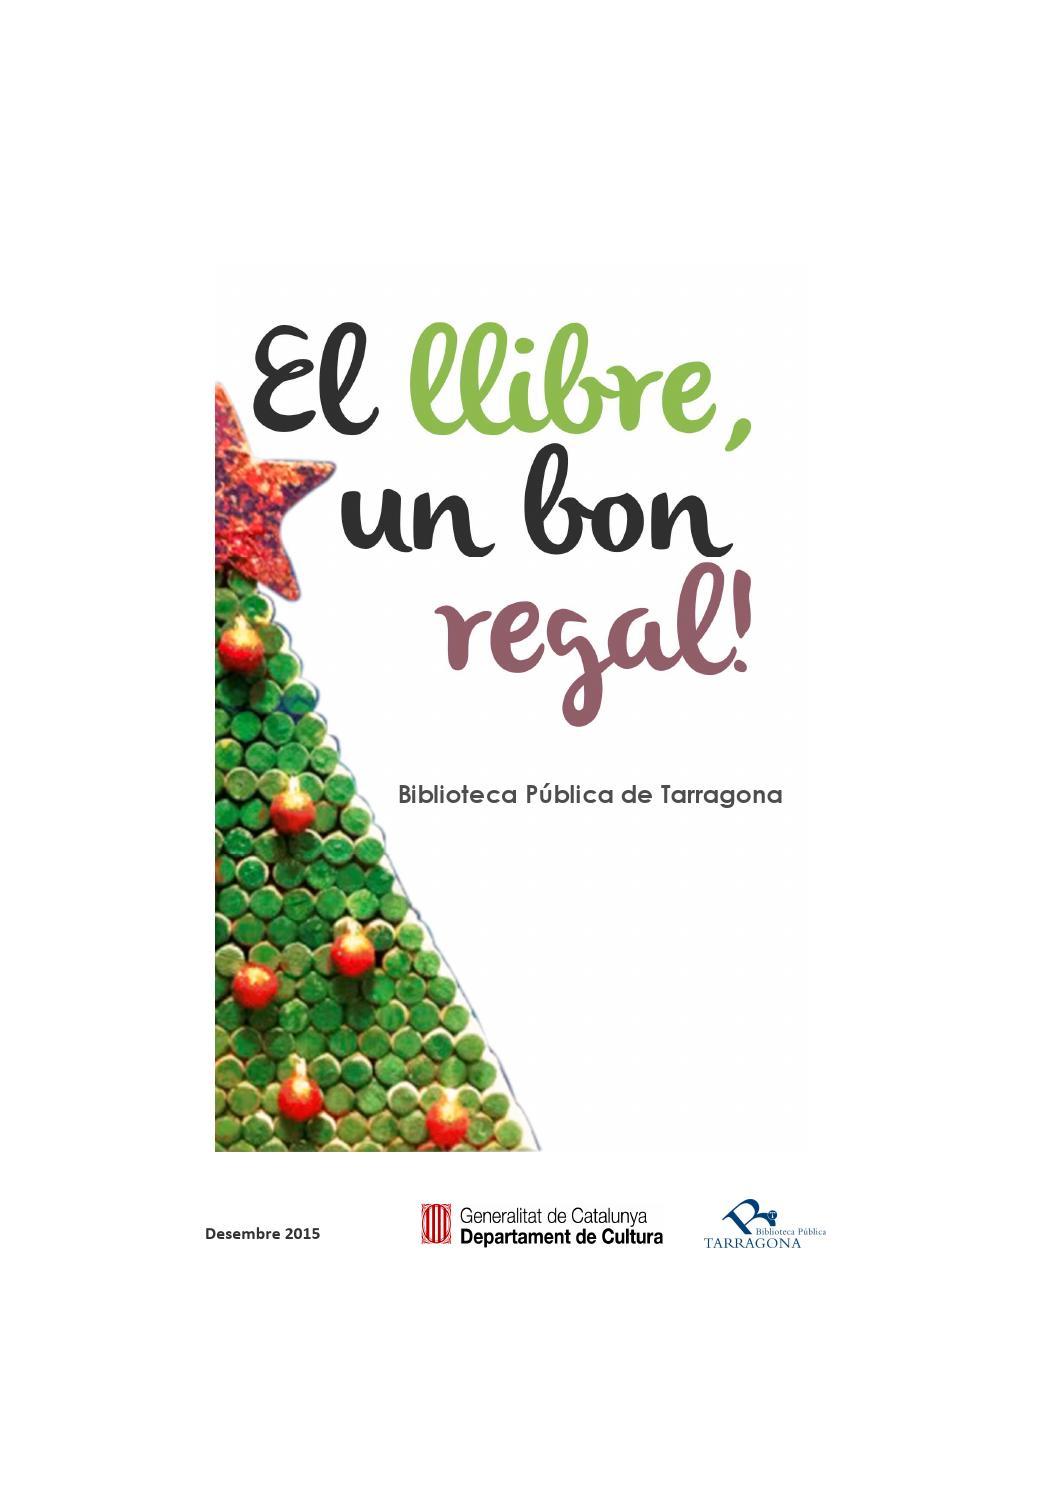 Guia 39 el llibre un bon regal 39 by biblioteca p blica tarragona issuu - La casa dels ratolins ...